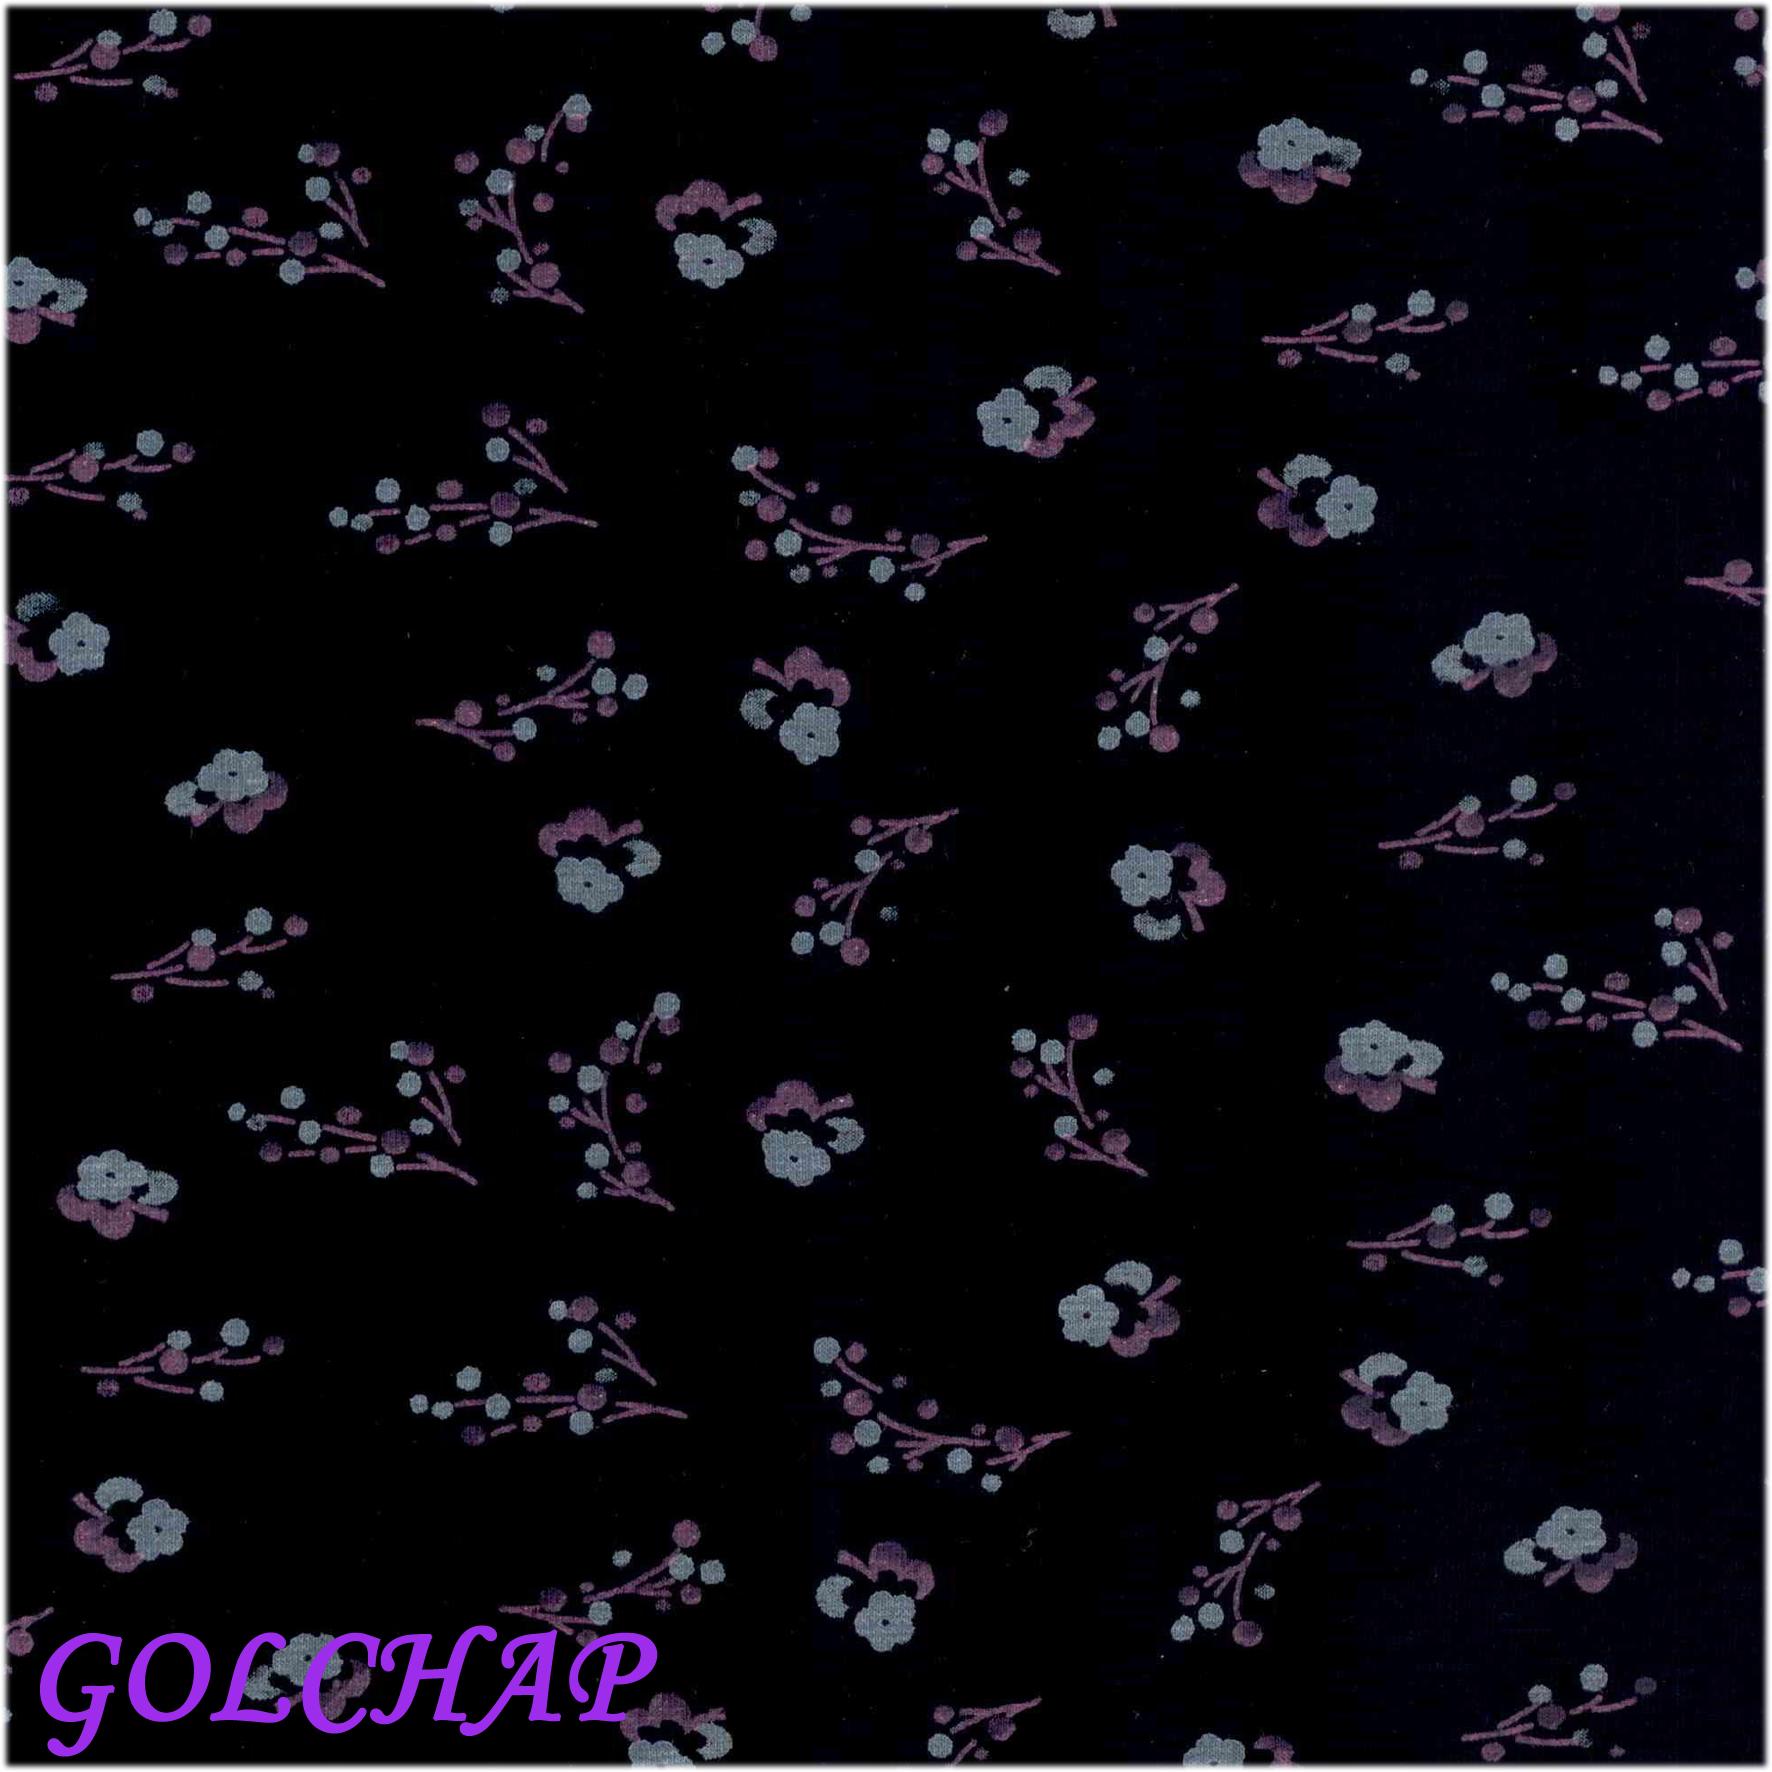 سپیده-کد2199-120